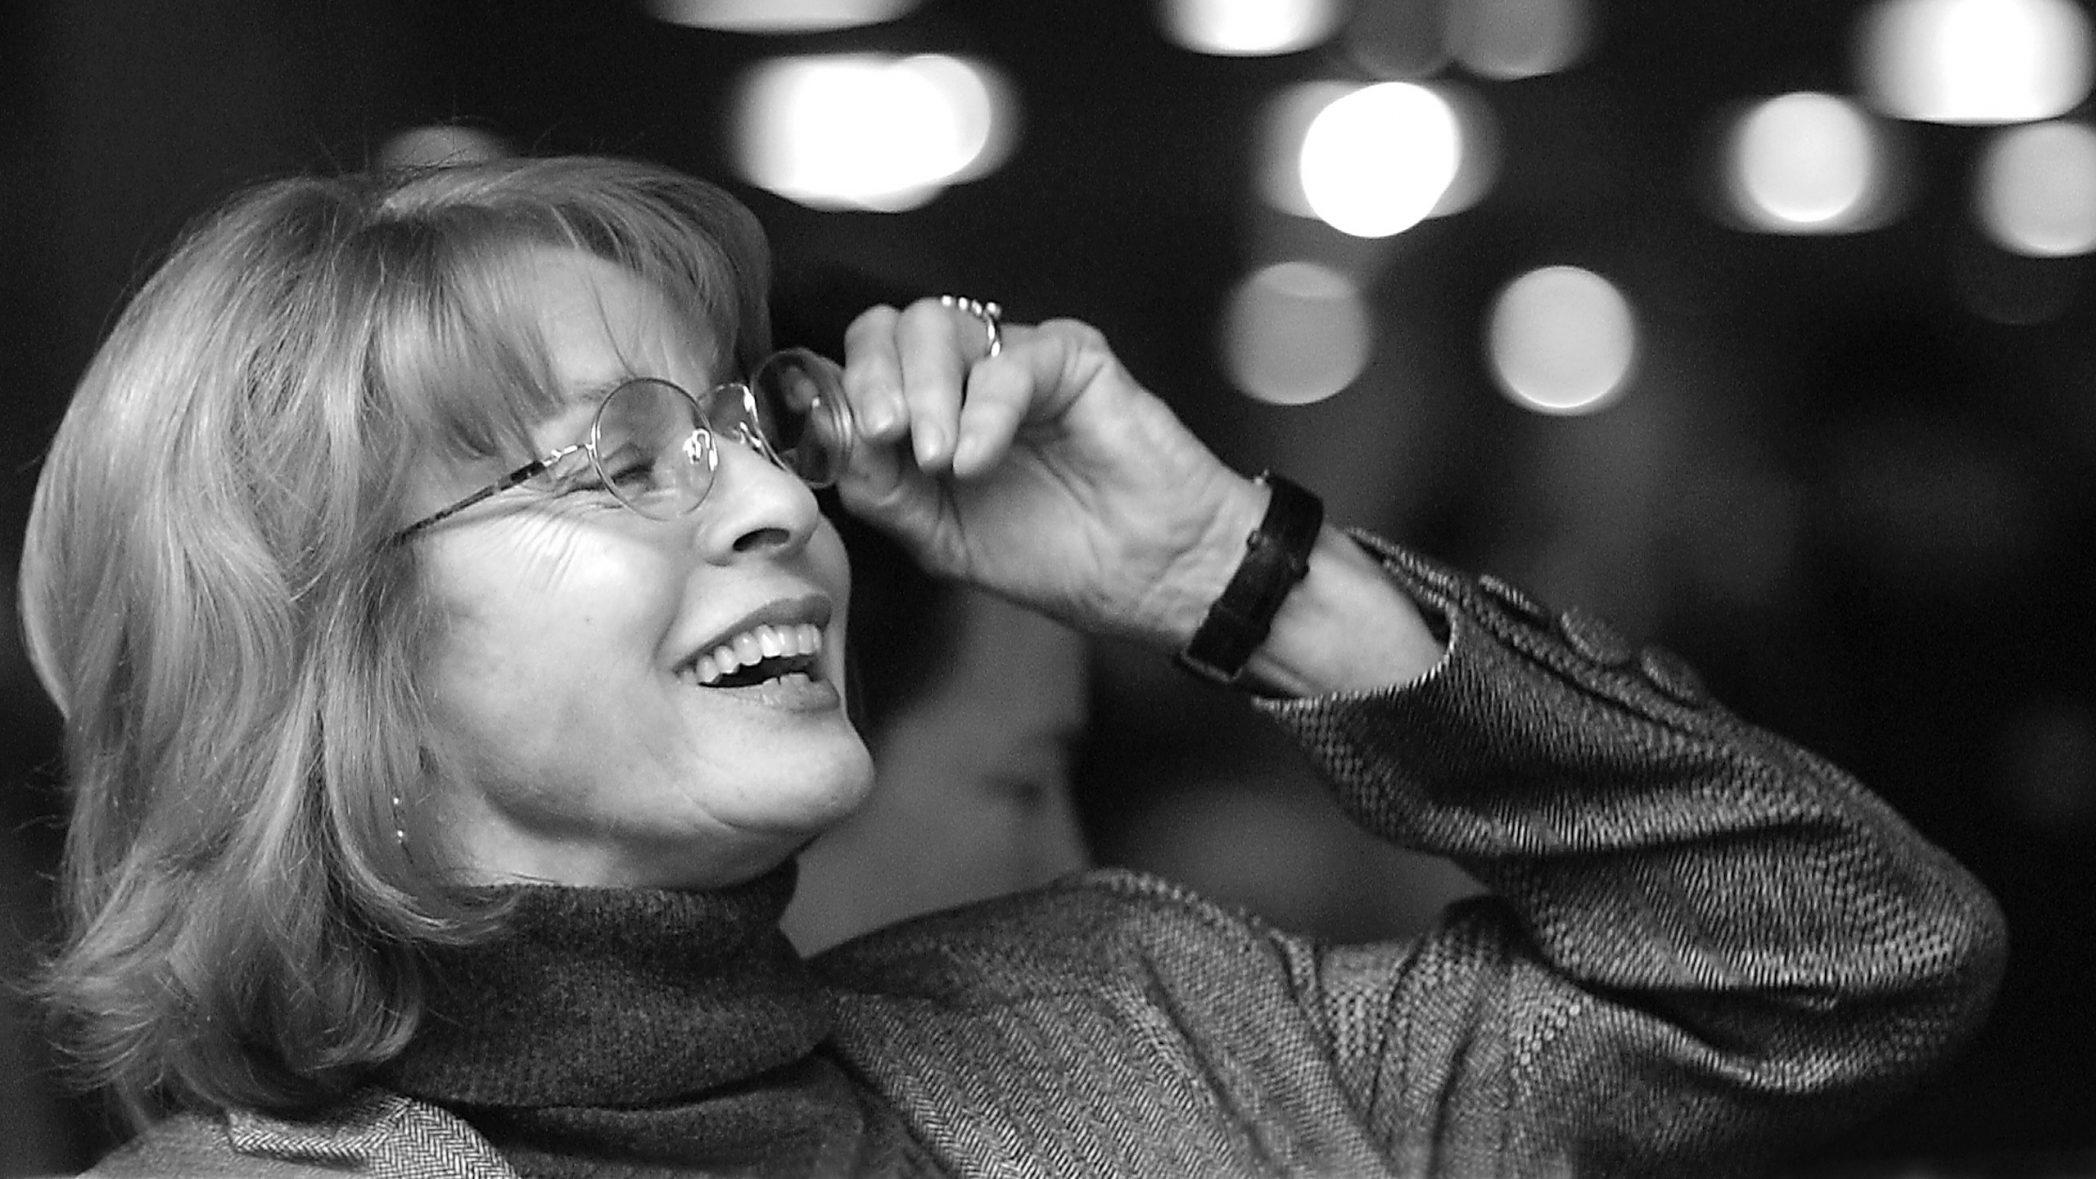 Schwarz weiß Bild von Senta Berger, sie lacht, ihre Augen sind vom Lachen geschlossen. Ihre Hand ist an ihrer Brille.